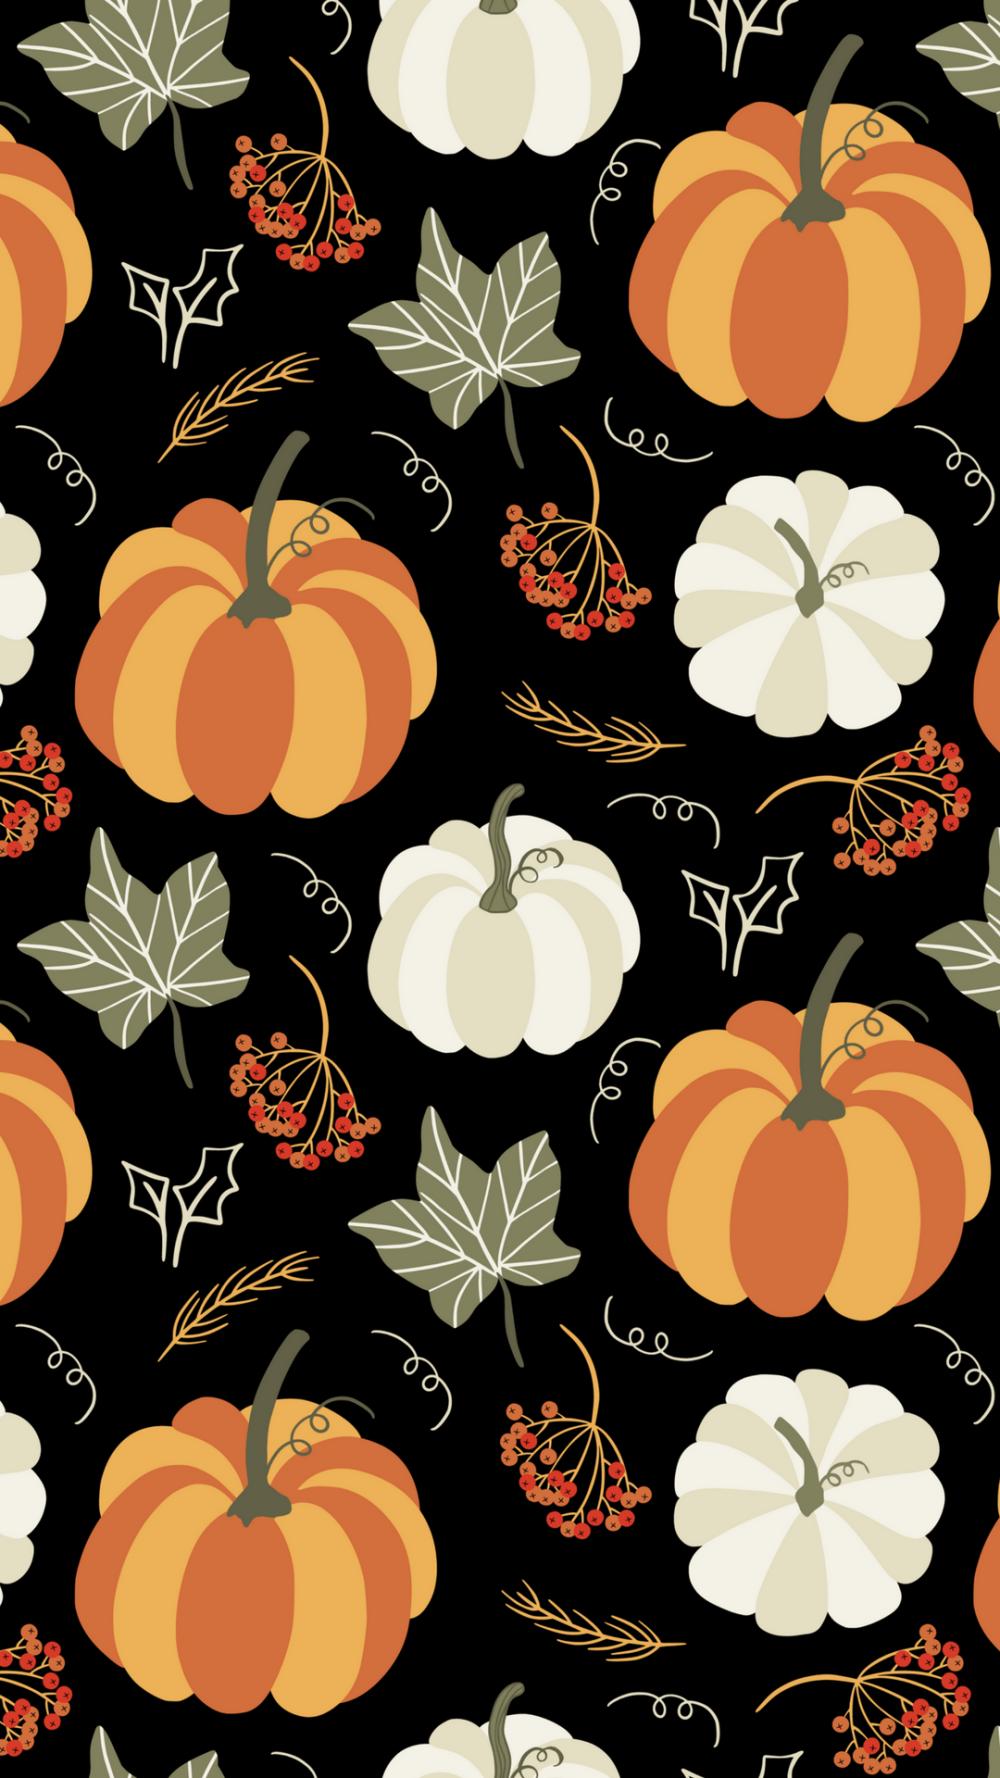 October Smart Phone Wallpapers in 2020 Halloween